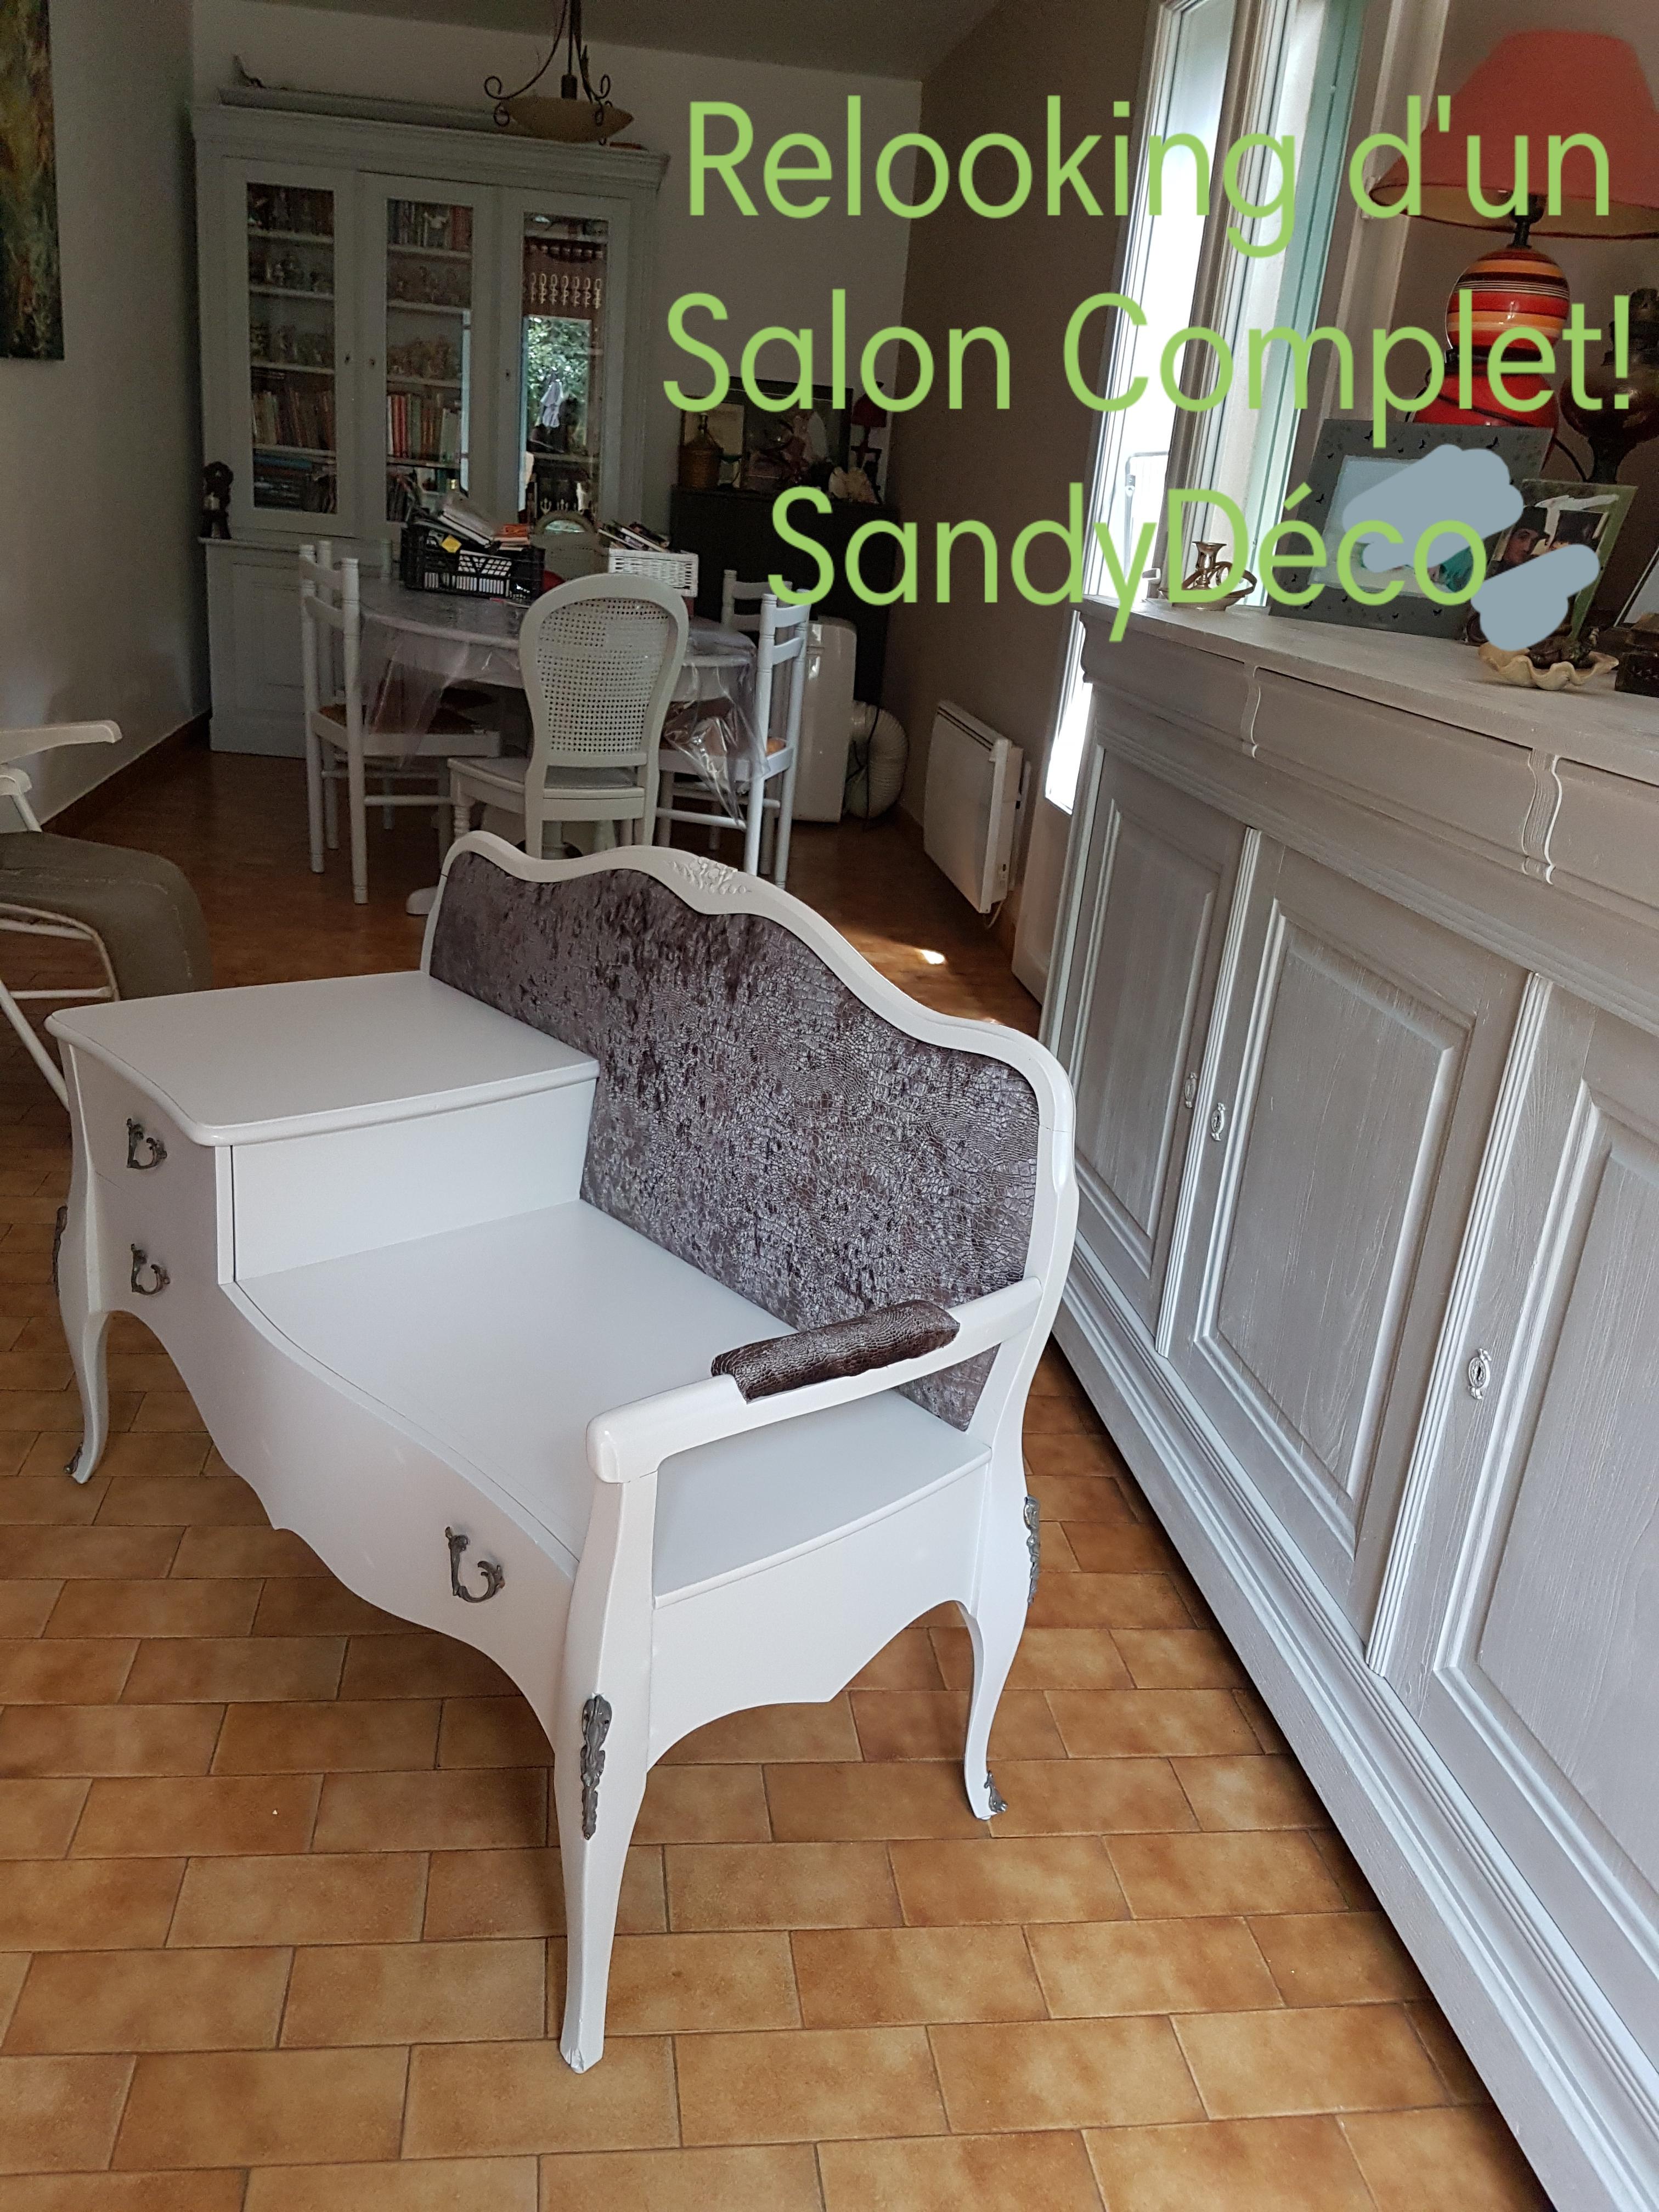 meuble relooke fauteuil relooke gard vaucluse refection des sieges peinture caseine chevet. Black Bedroom Furniture Sets. Home Design Ideas